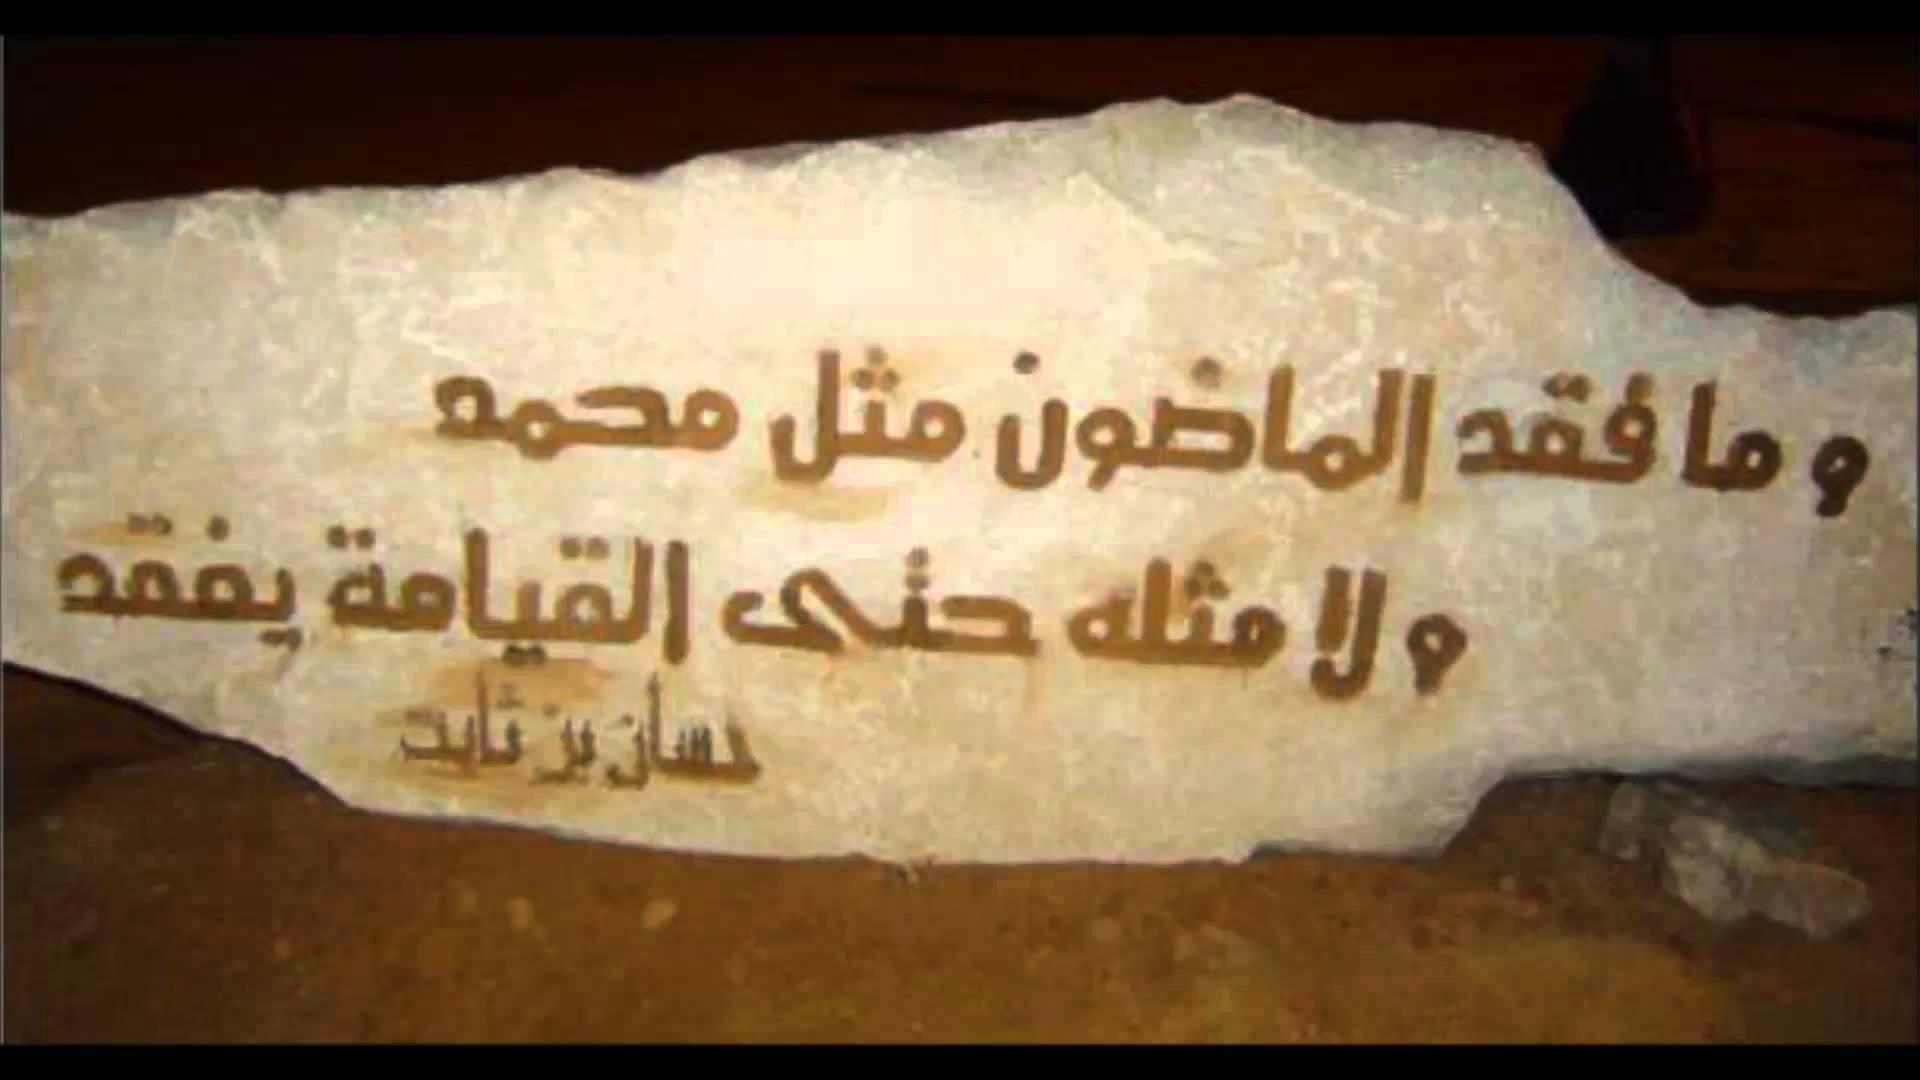 بالصور مدح الرسول , مدح سيد الخلق باجمل الكلام 1451 10